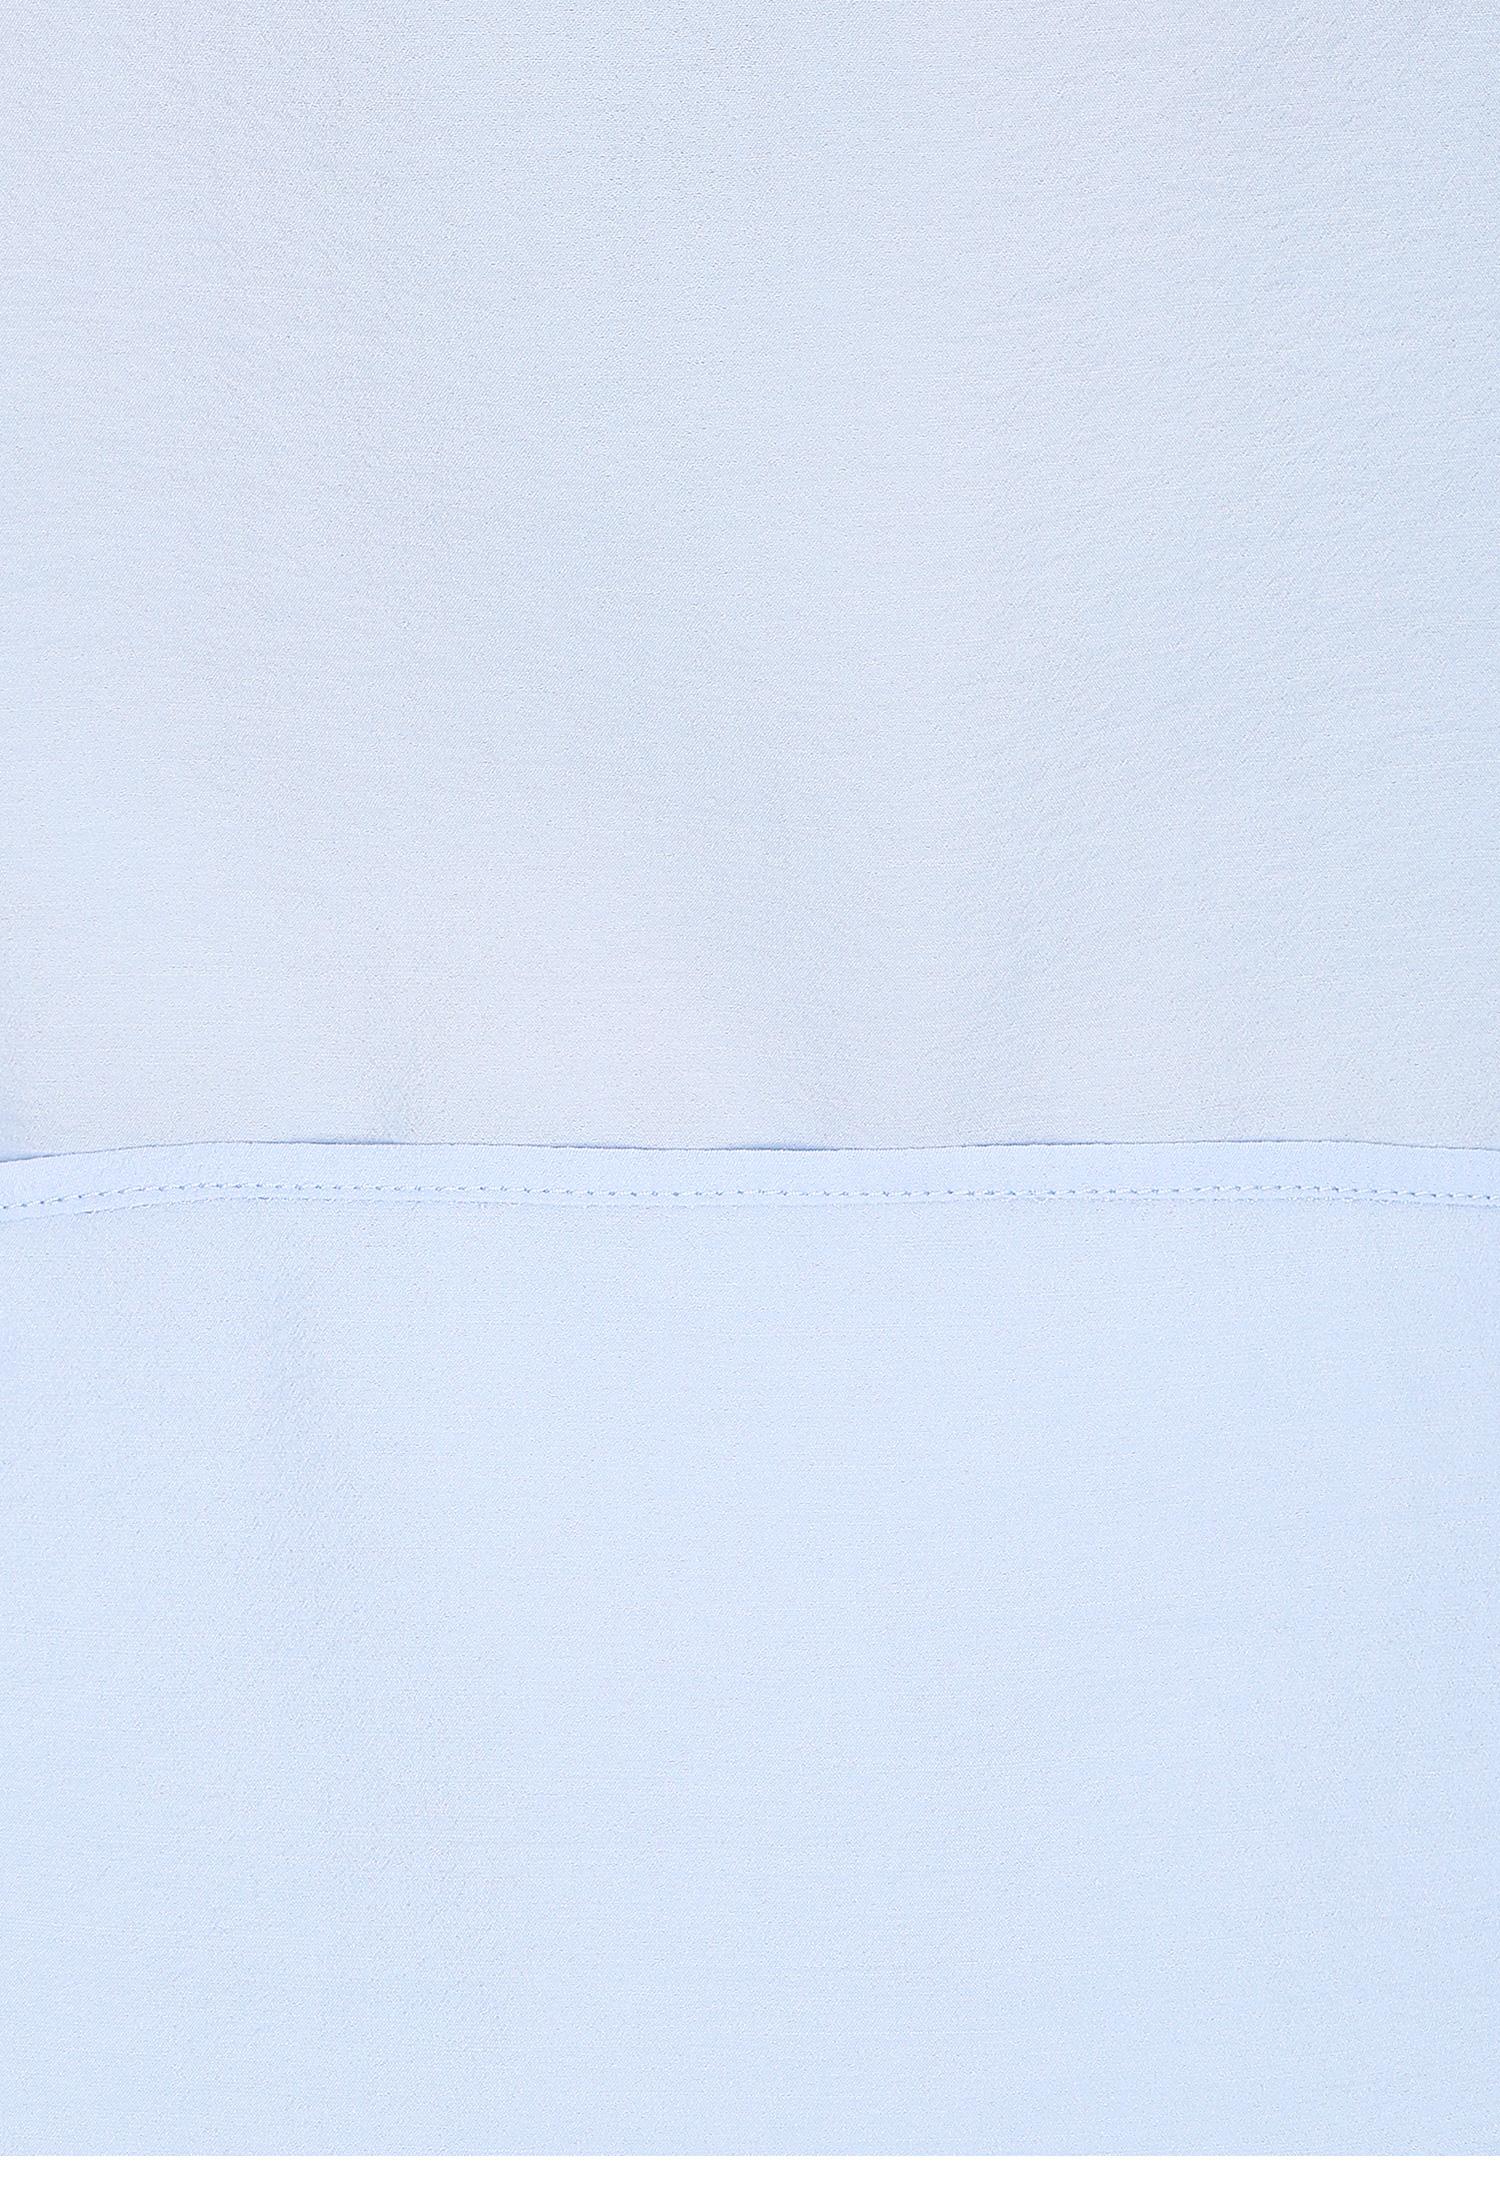 더블 레이스 칼라 블라우스 (SKY)